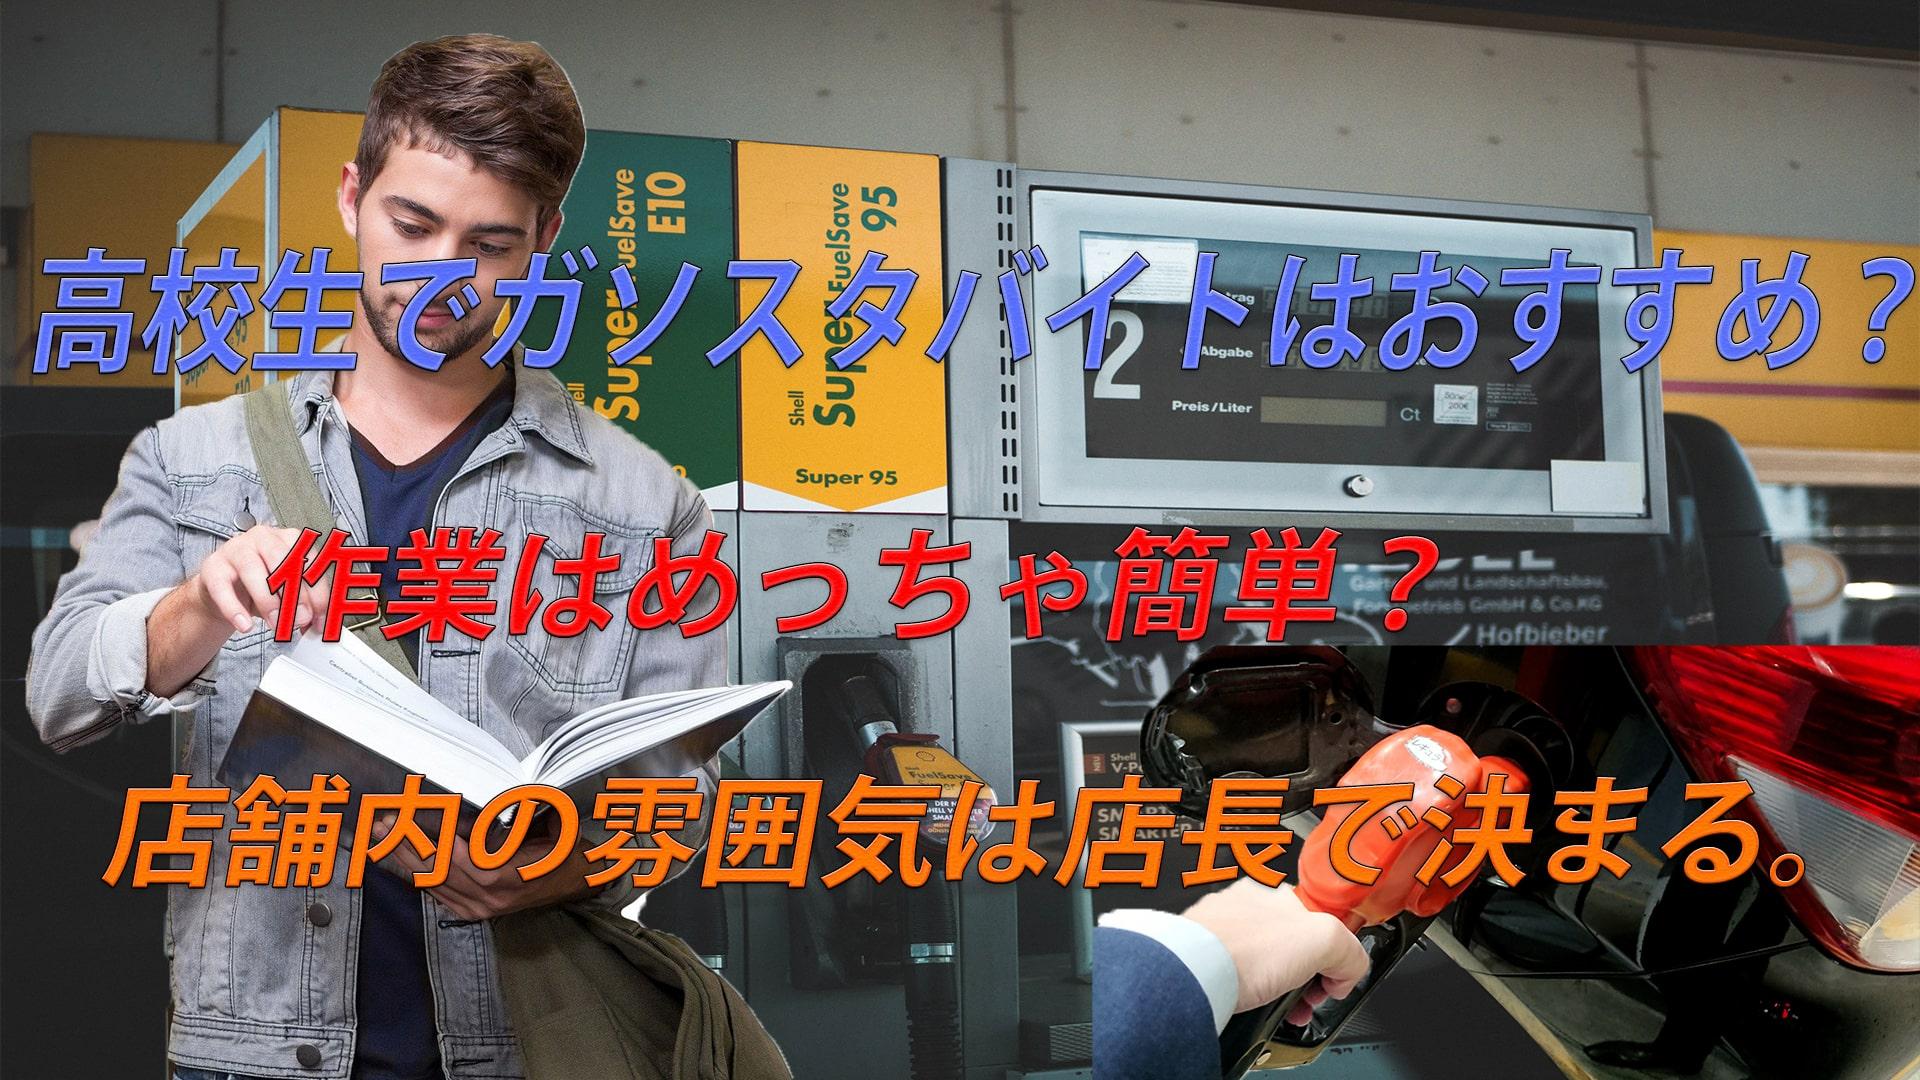 ガソリンスタンドバイトを始める高校生・大学生に良い店舗のポイントを伝授